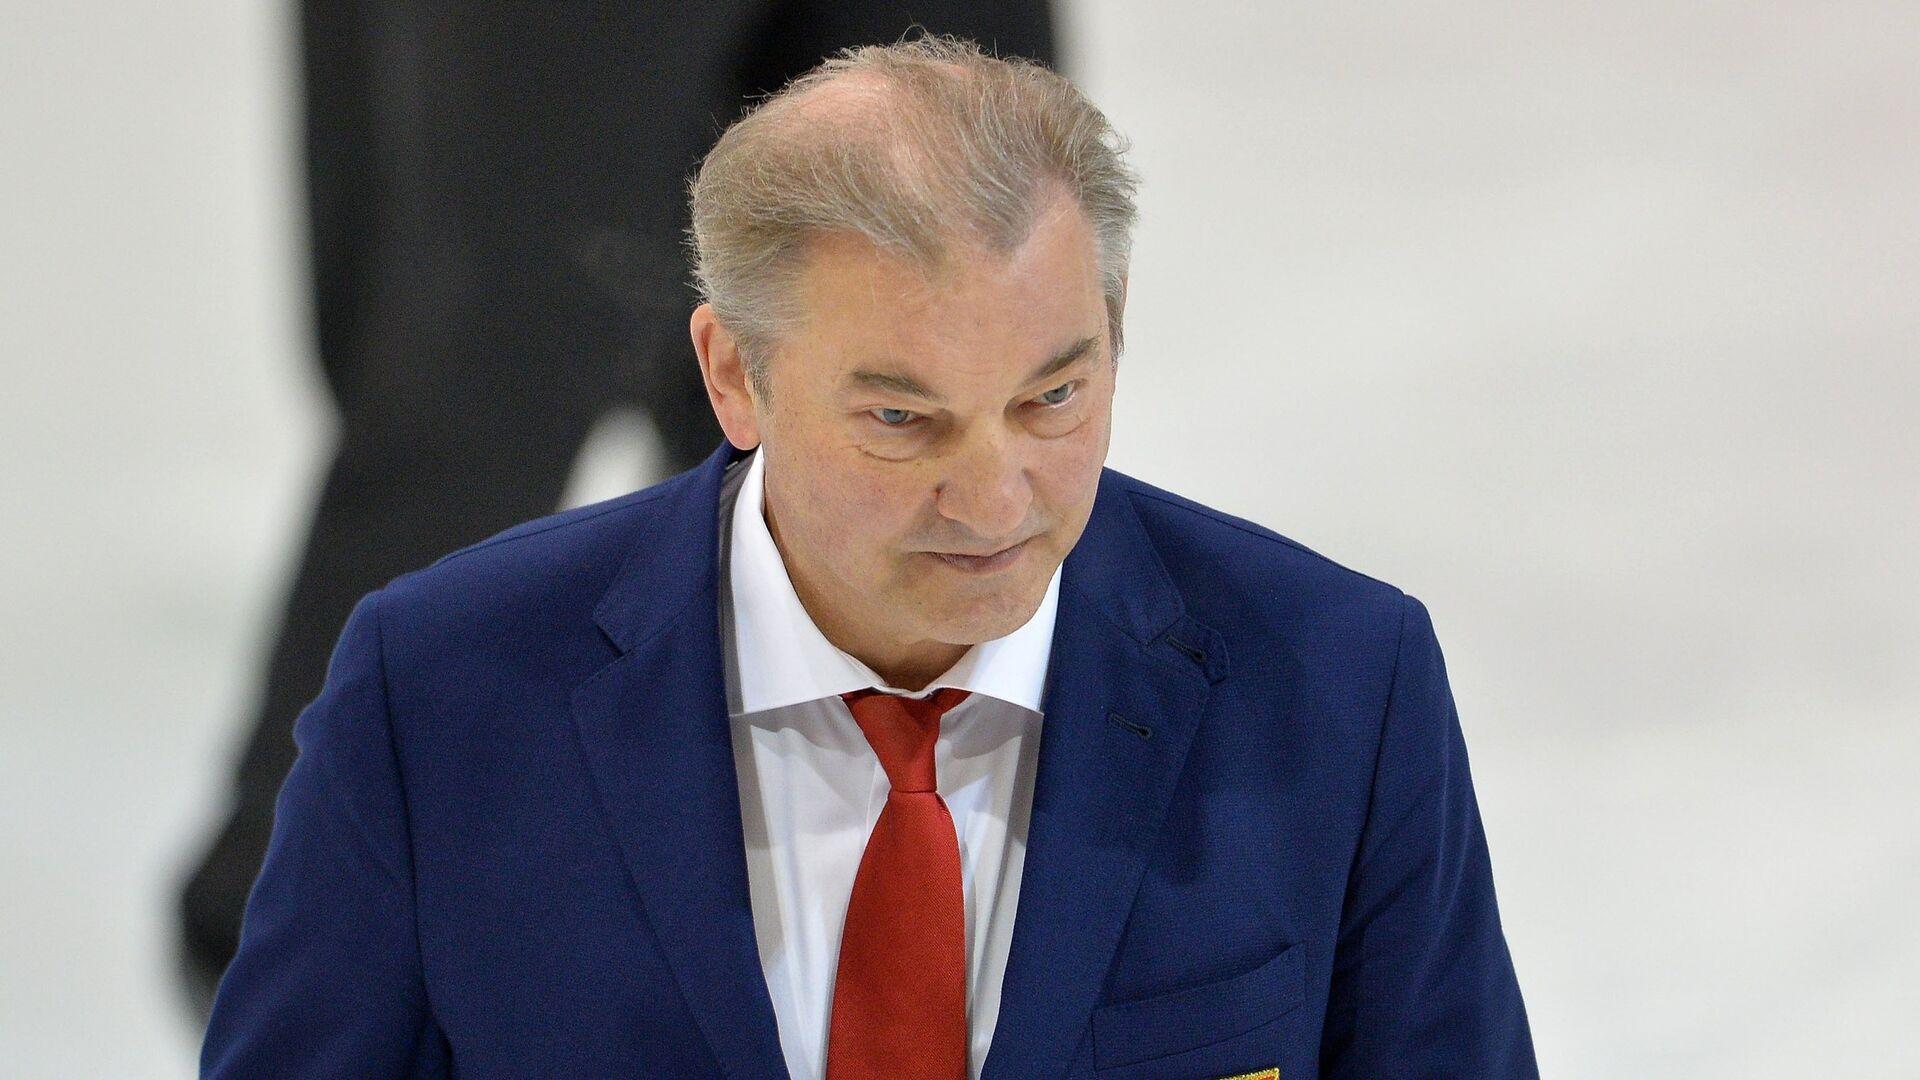 Президент Федерации хоккея России Владислав Третьяк - Sputnik Латвия, 1920, 25.08.2021